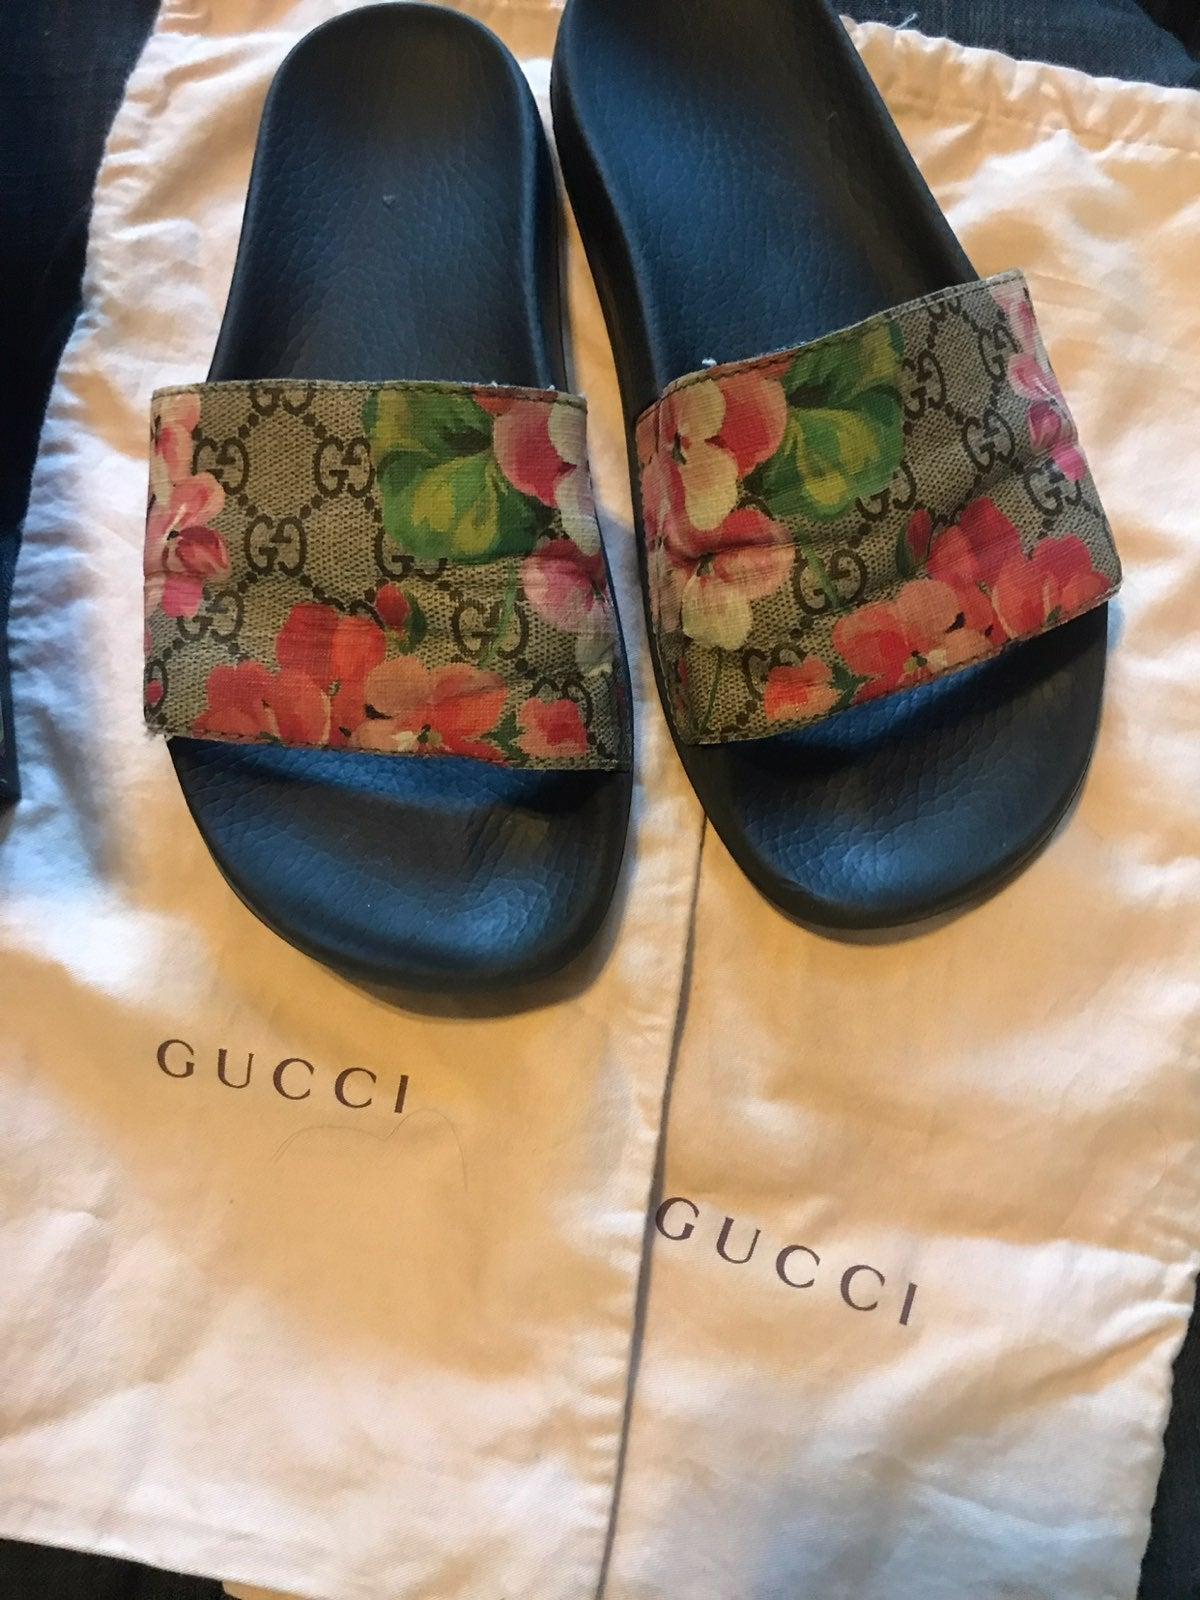 Gucci Pursuit Bloom Slide Sandals